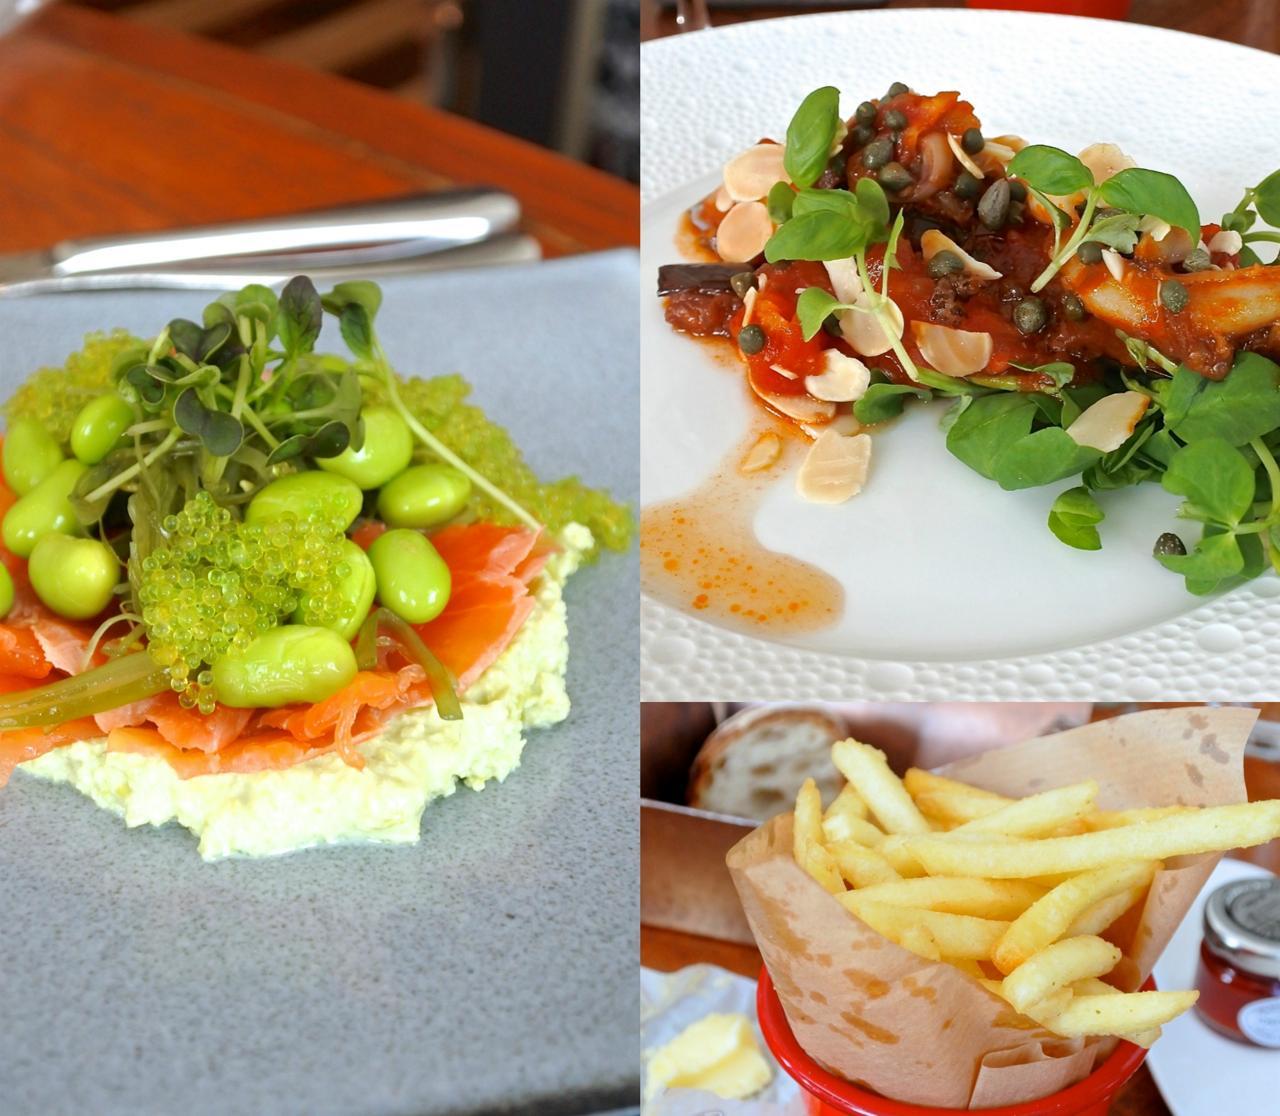 左がスモークサーモンと枝豆の前菜だったと思います。右上が貝類のトマト味みたいなのだったかと。実は昨年の訪問で詳細を忘れてしまいました・・